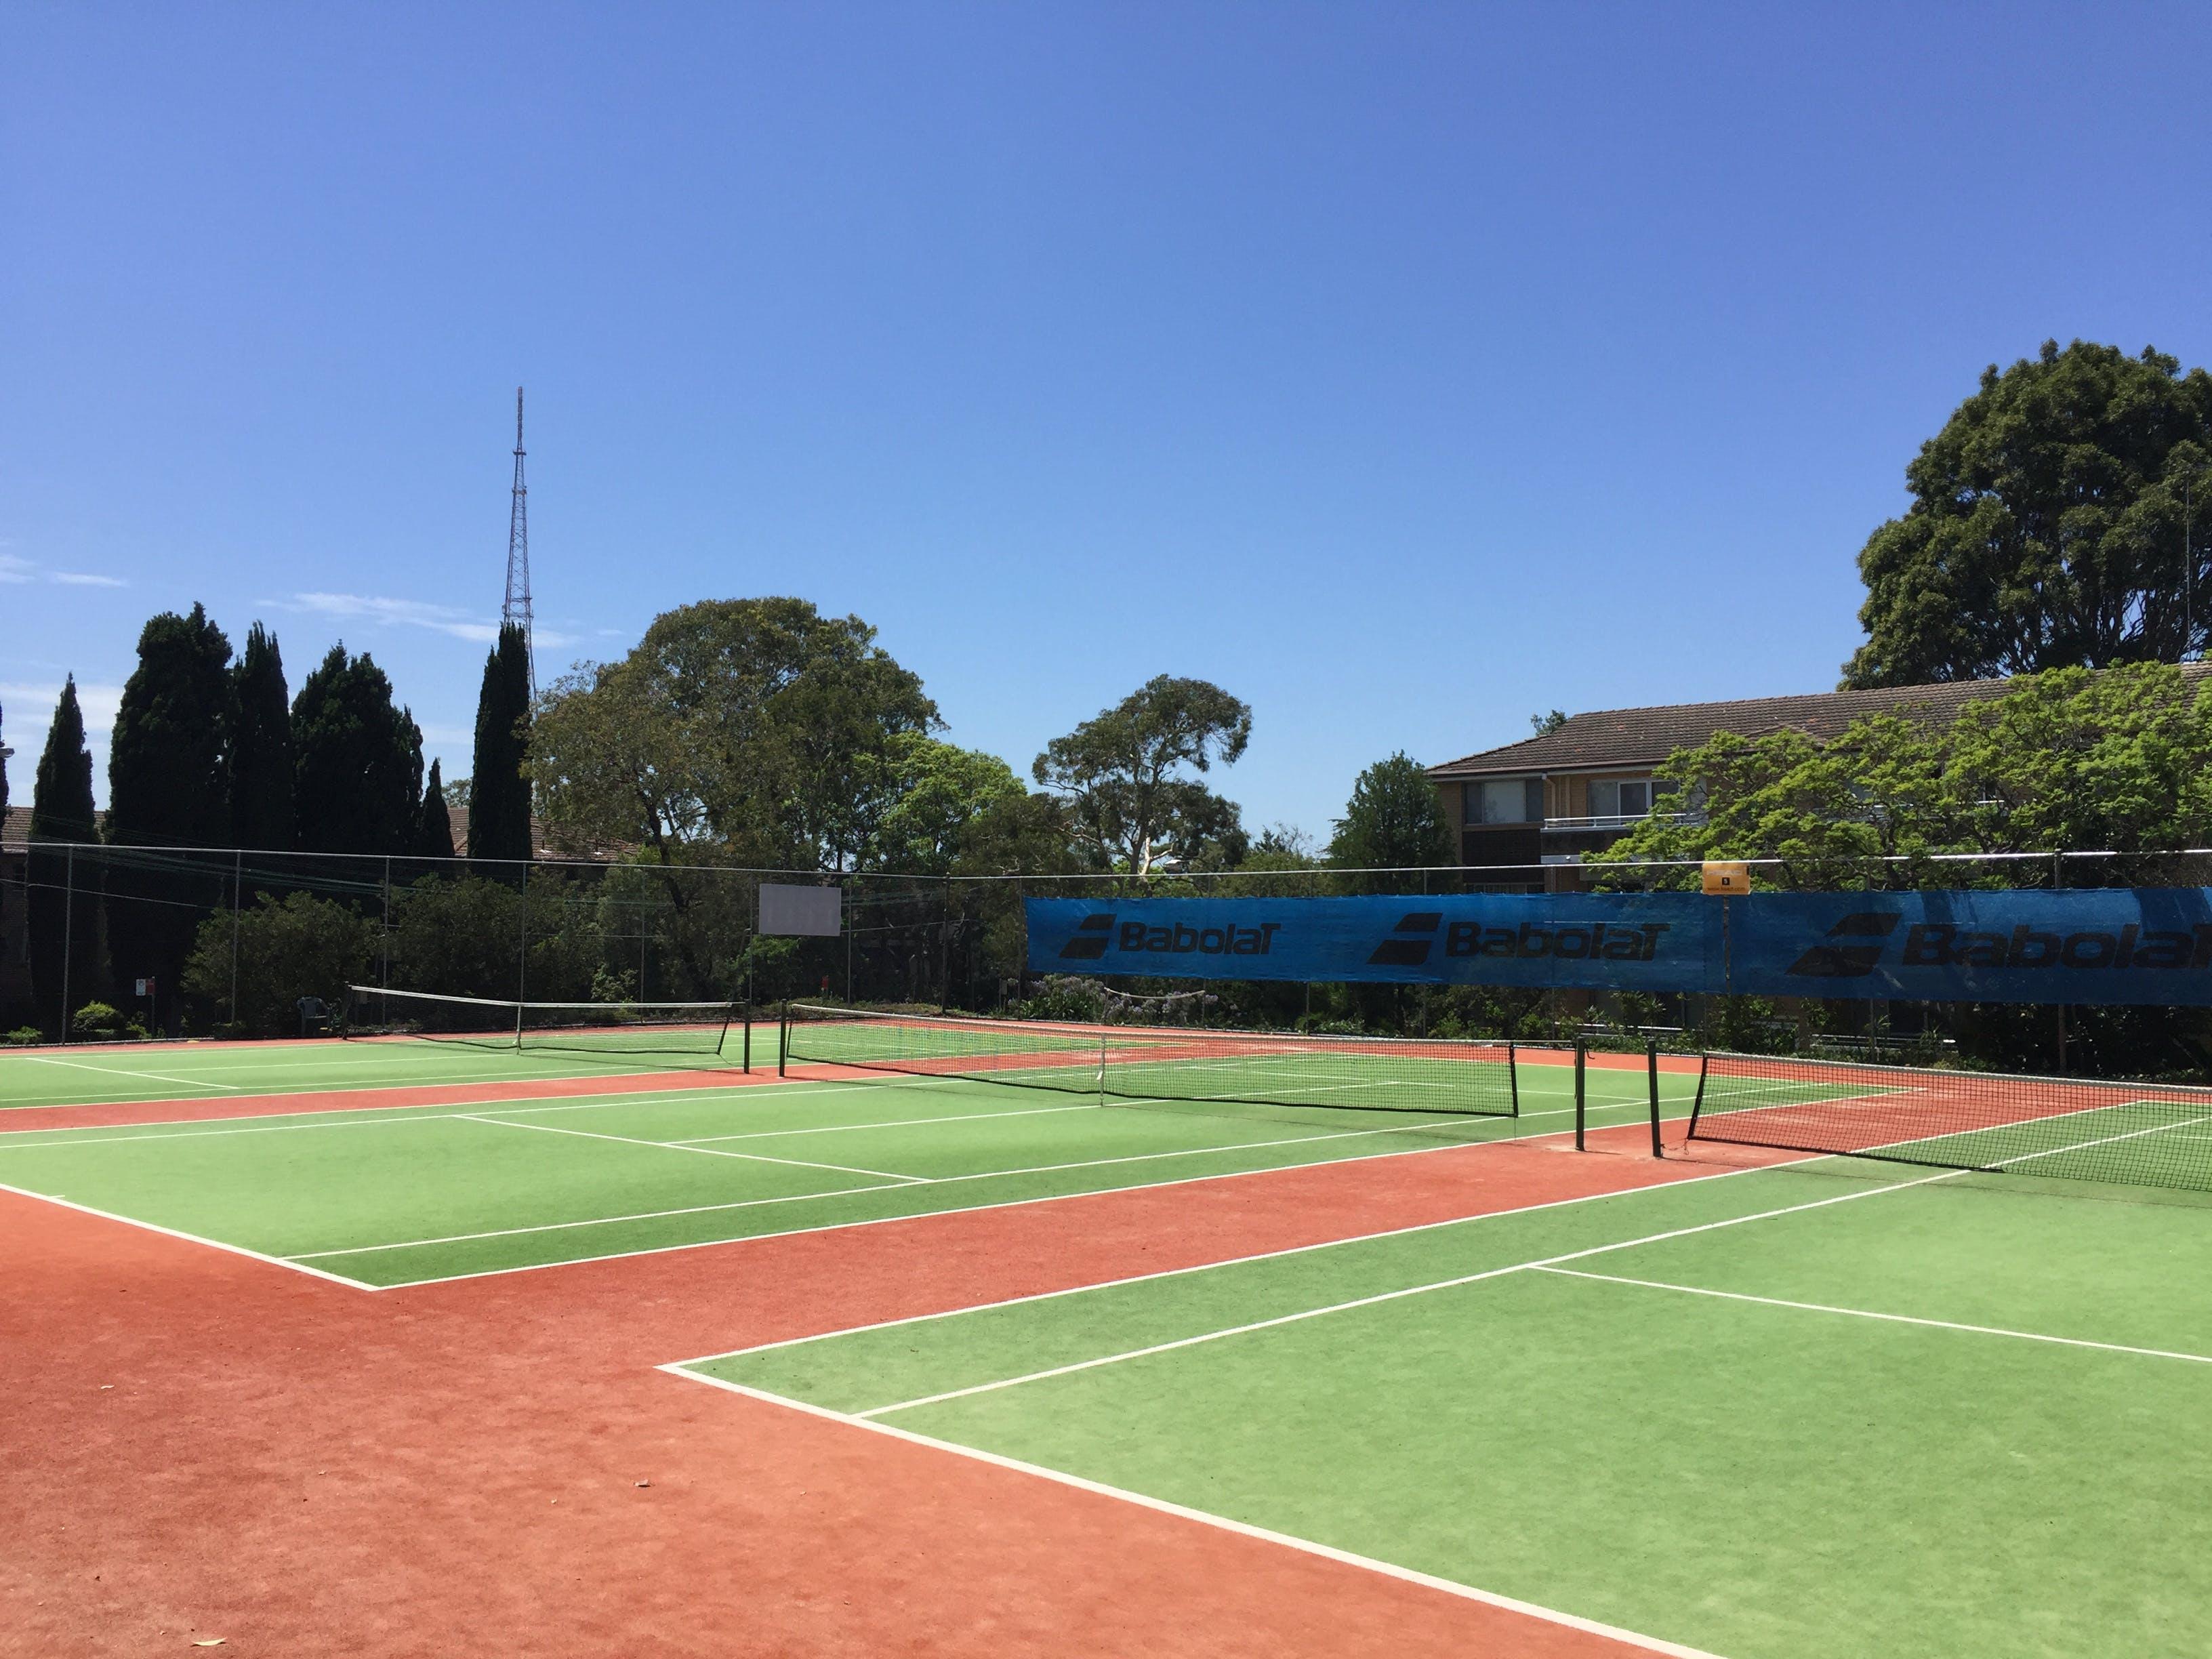 Cleland Park tennis courts